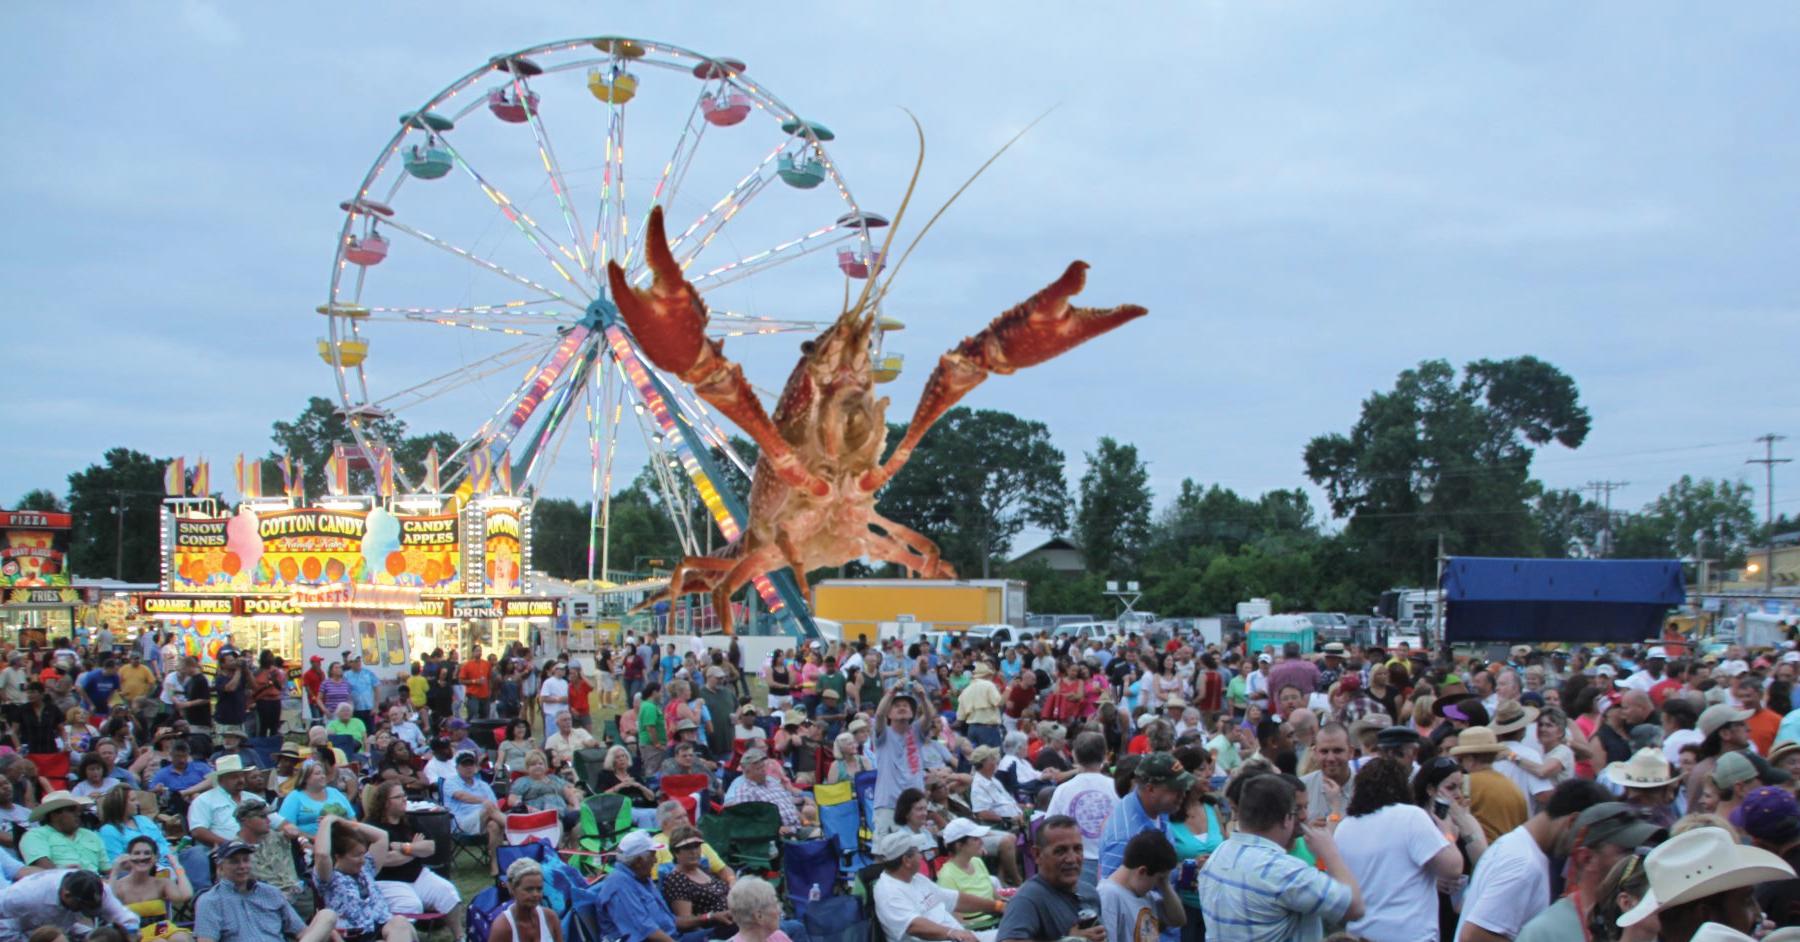 Breaux Bridge Crawfish Festival Canceled After Genetically ...